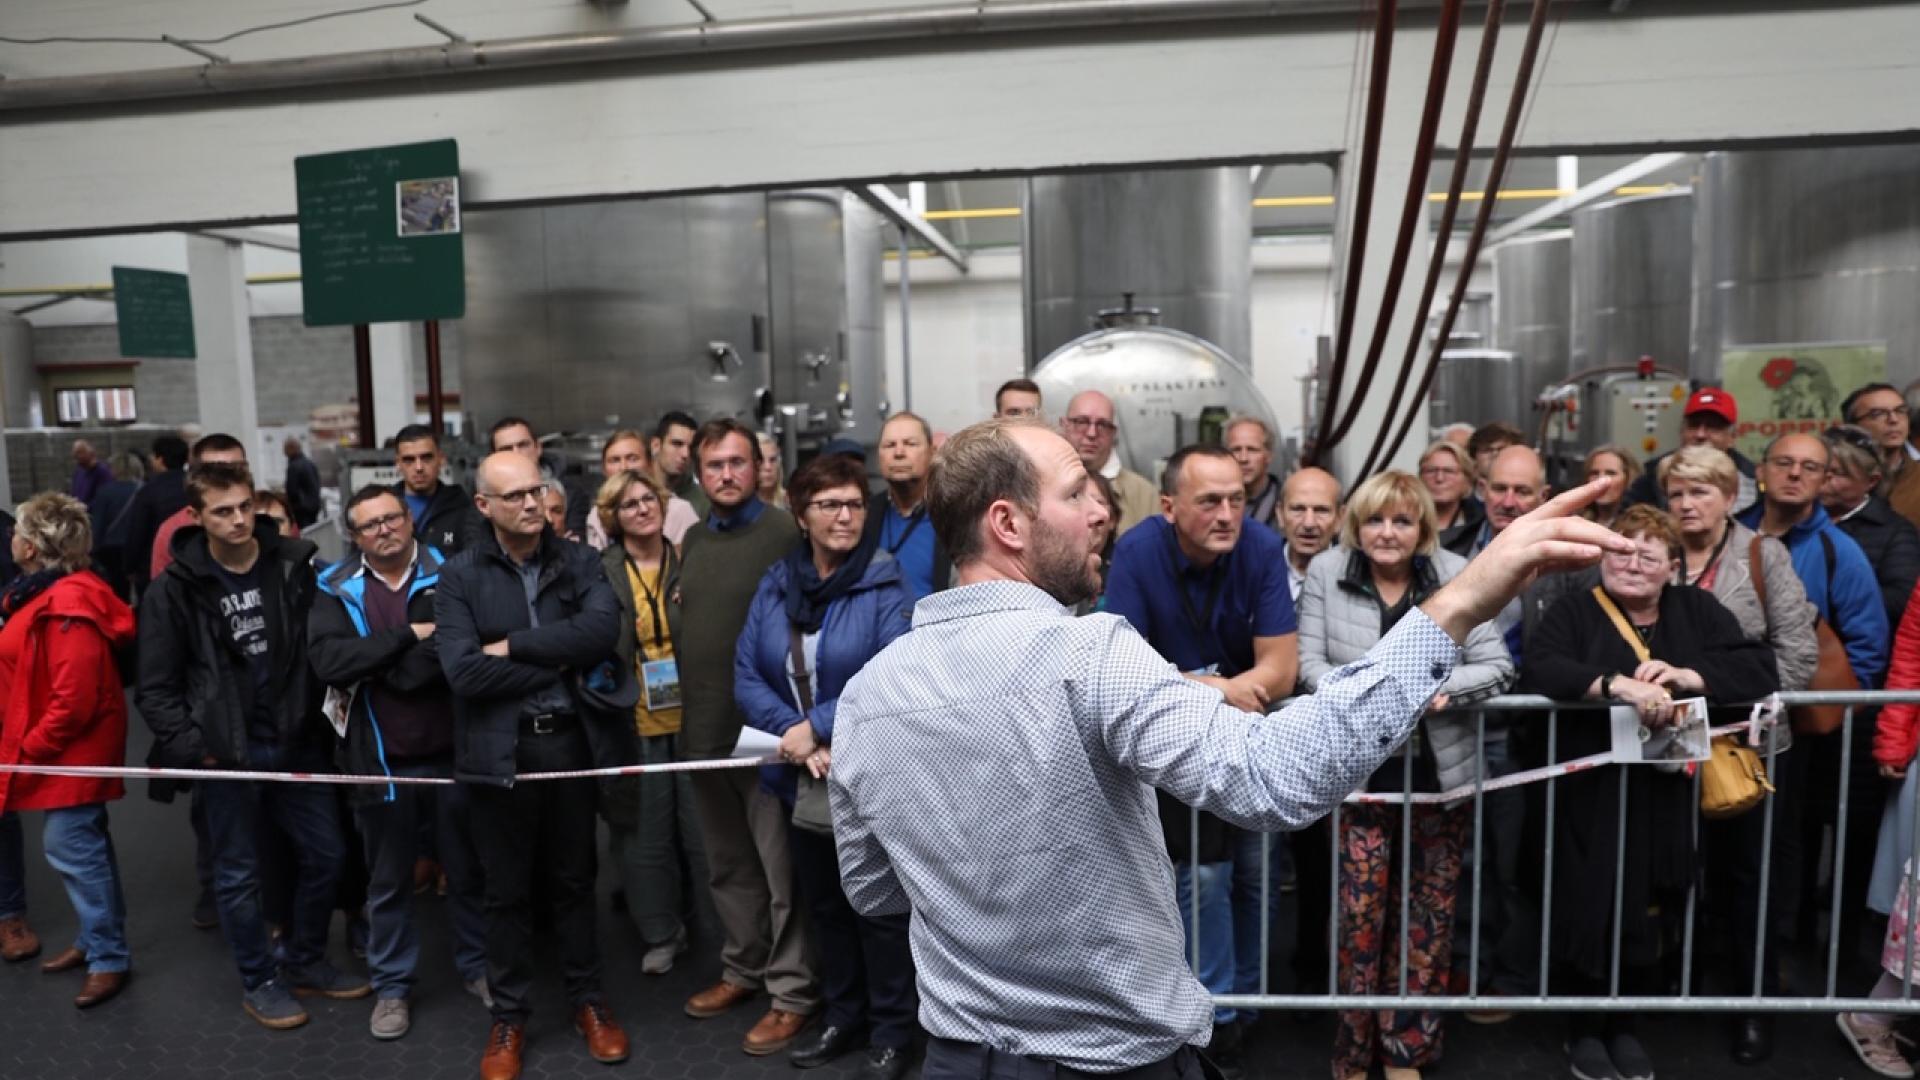 Voka Open Bedrijvendag bij Stokerij Rubbens-Wichelen